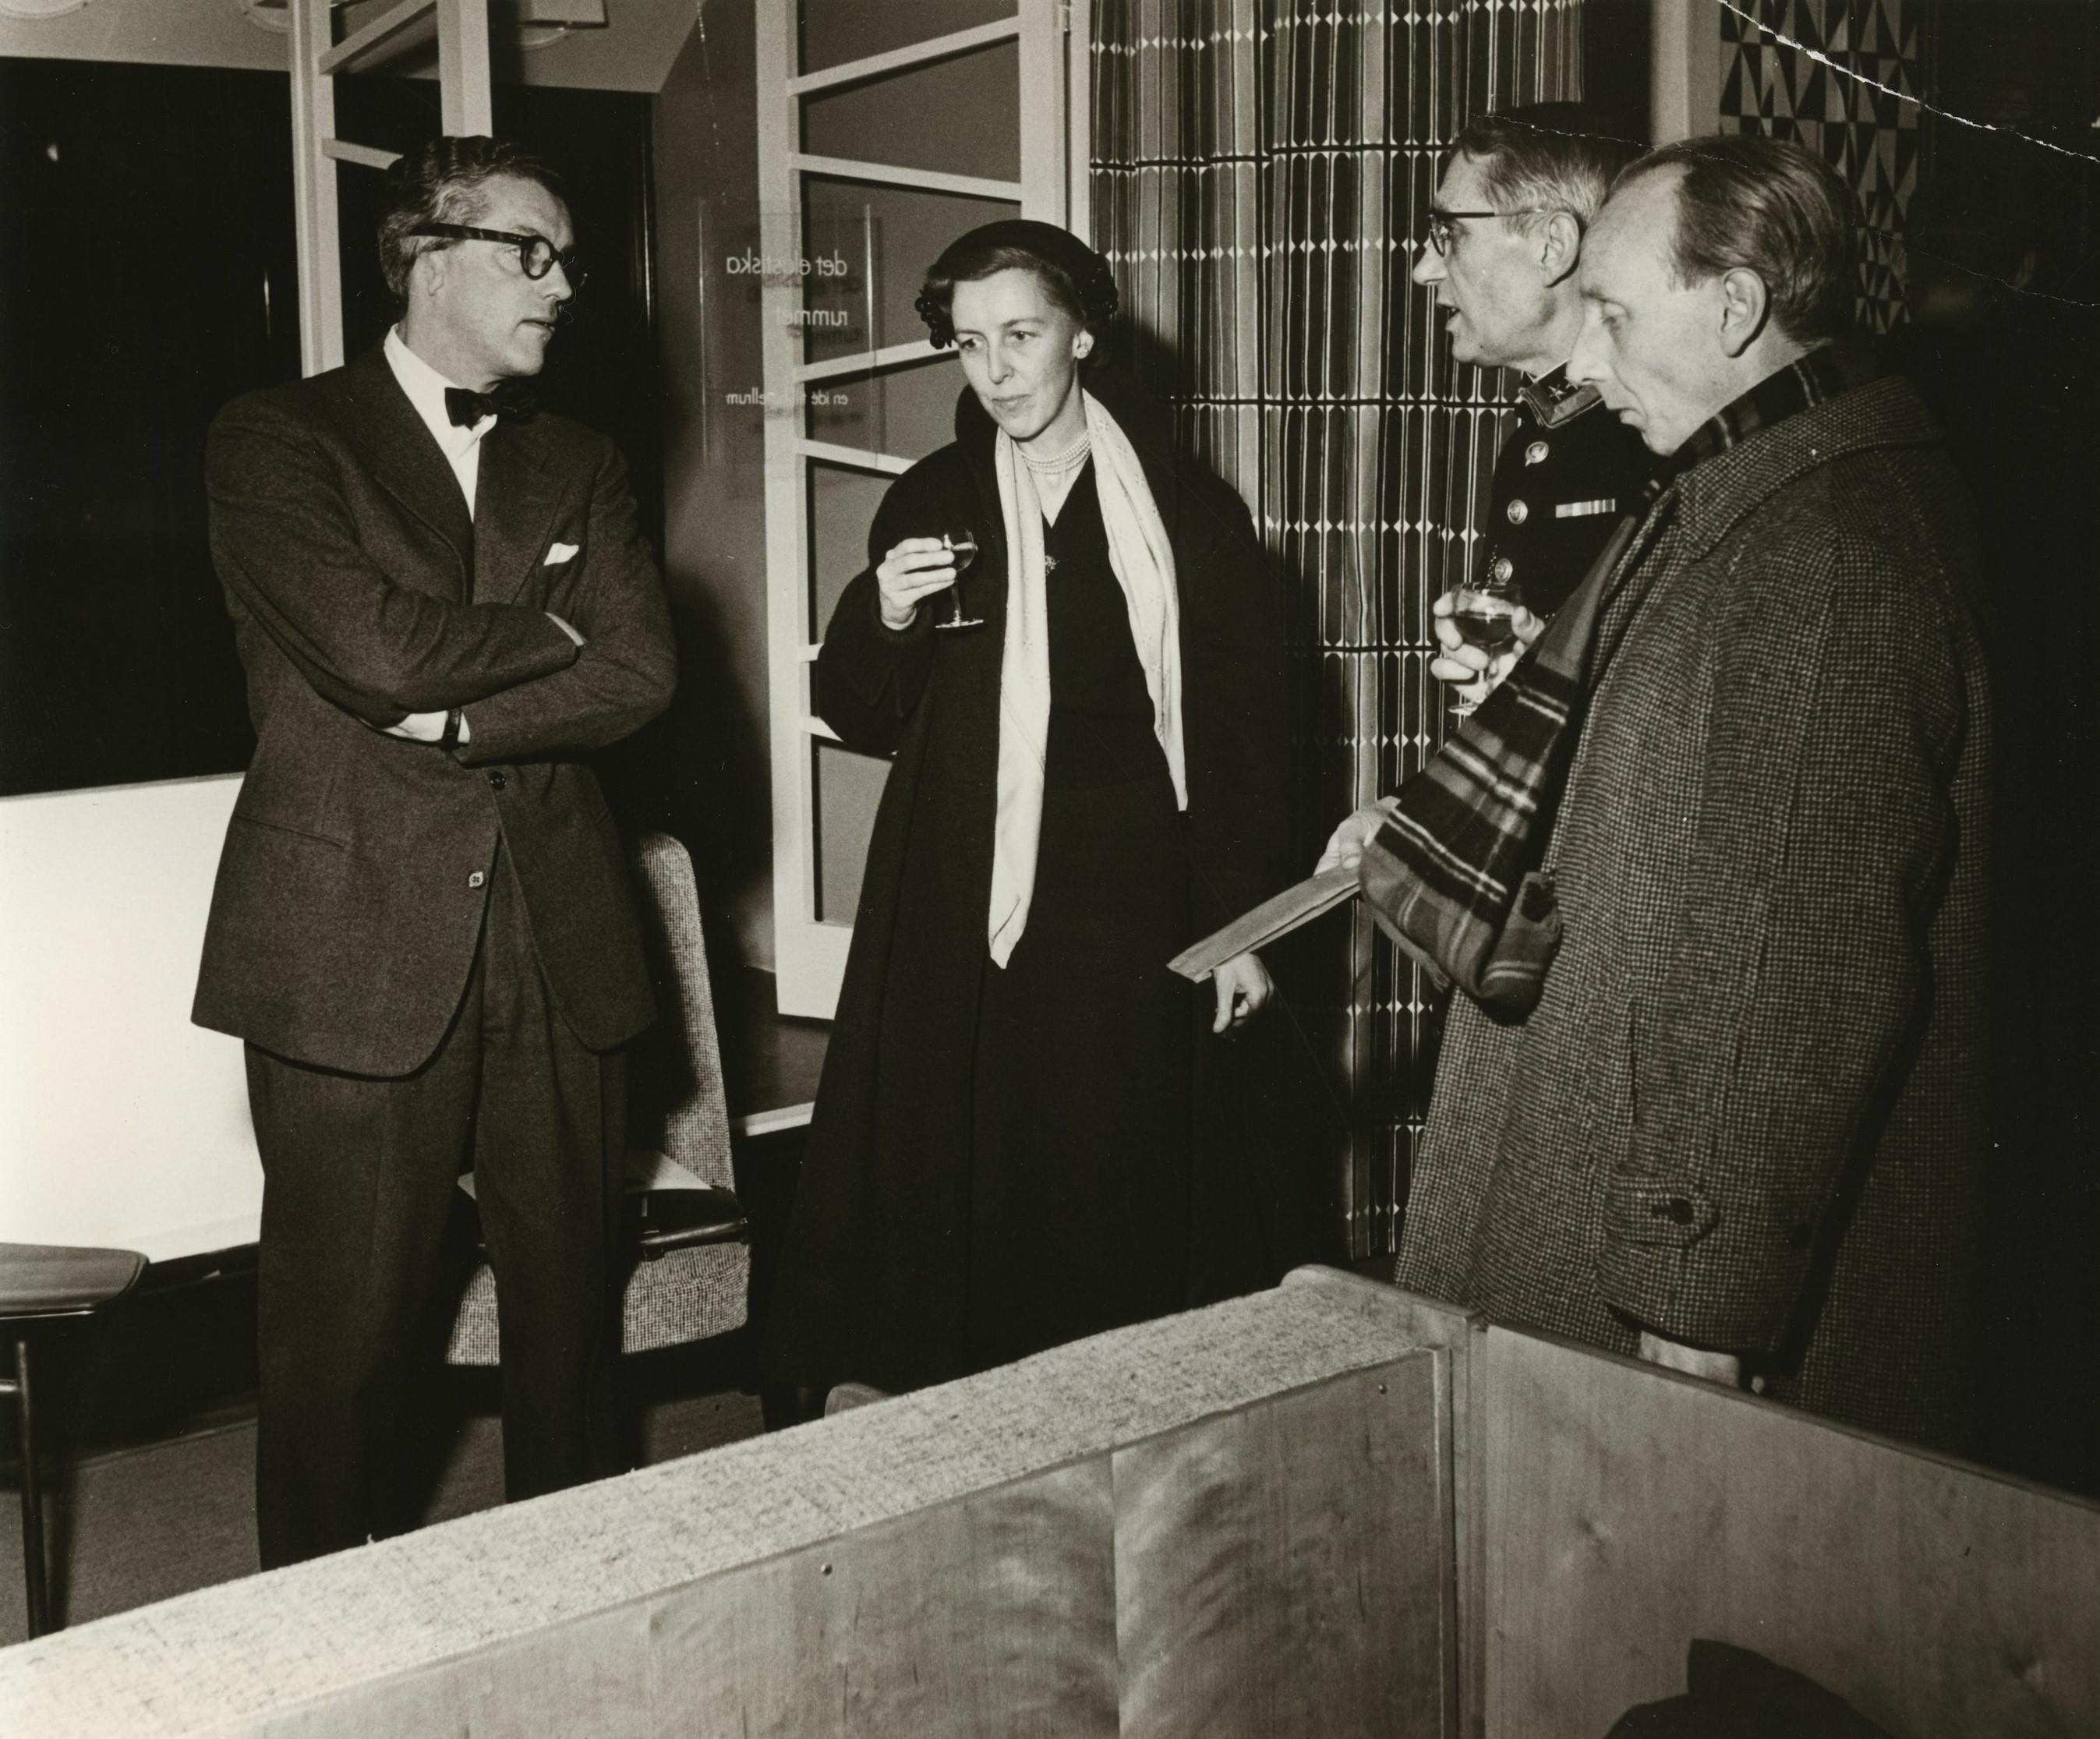 Hillevi Svedberg på Nordiska Kompaniet i Stockholm, med (fr.v) Elias Svedberg, Tore Virke och icke namngiven man, cirka 1950-tal. Arkitektur- och designcentrum (ARKM.1989-126-04)